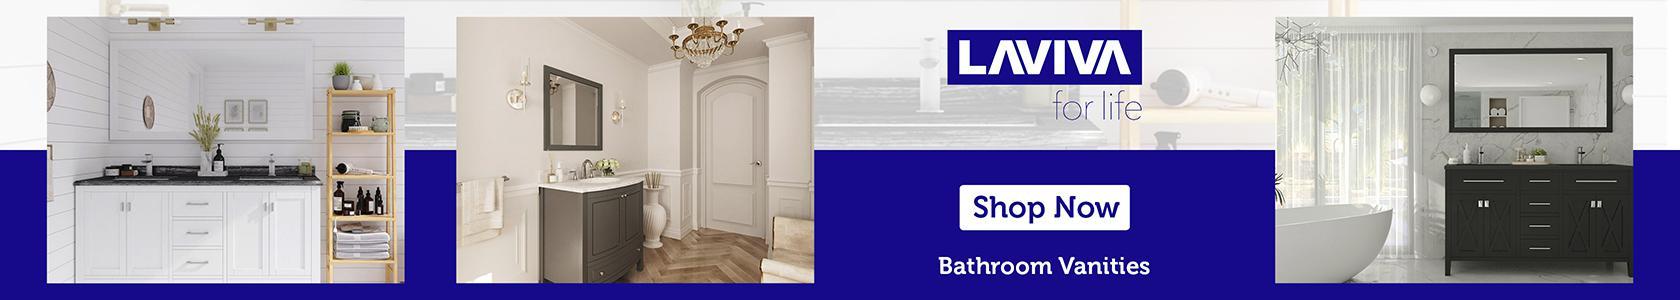 LAVIVA - Bathroom Vanities banner